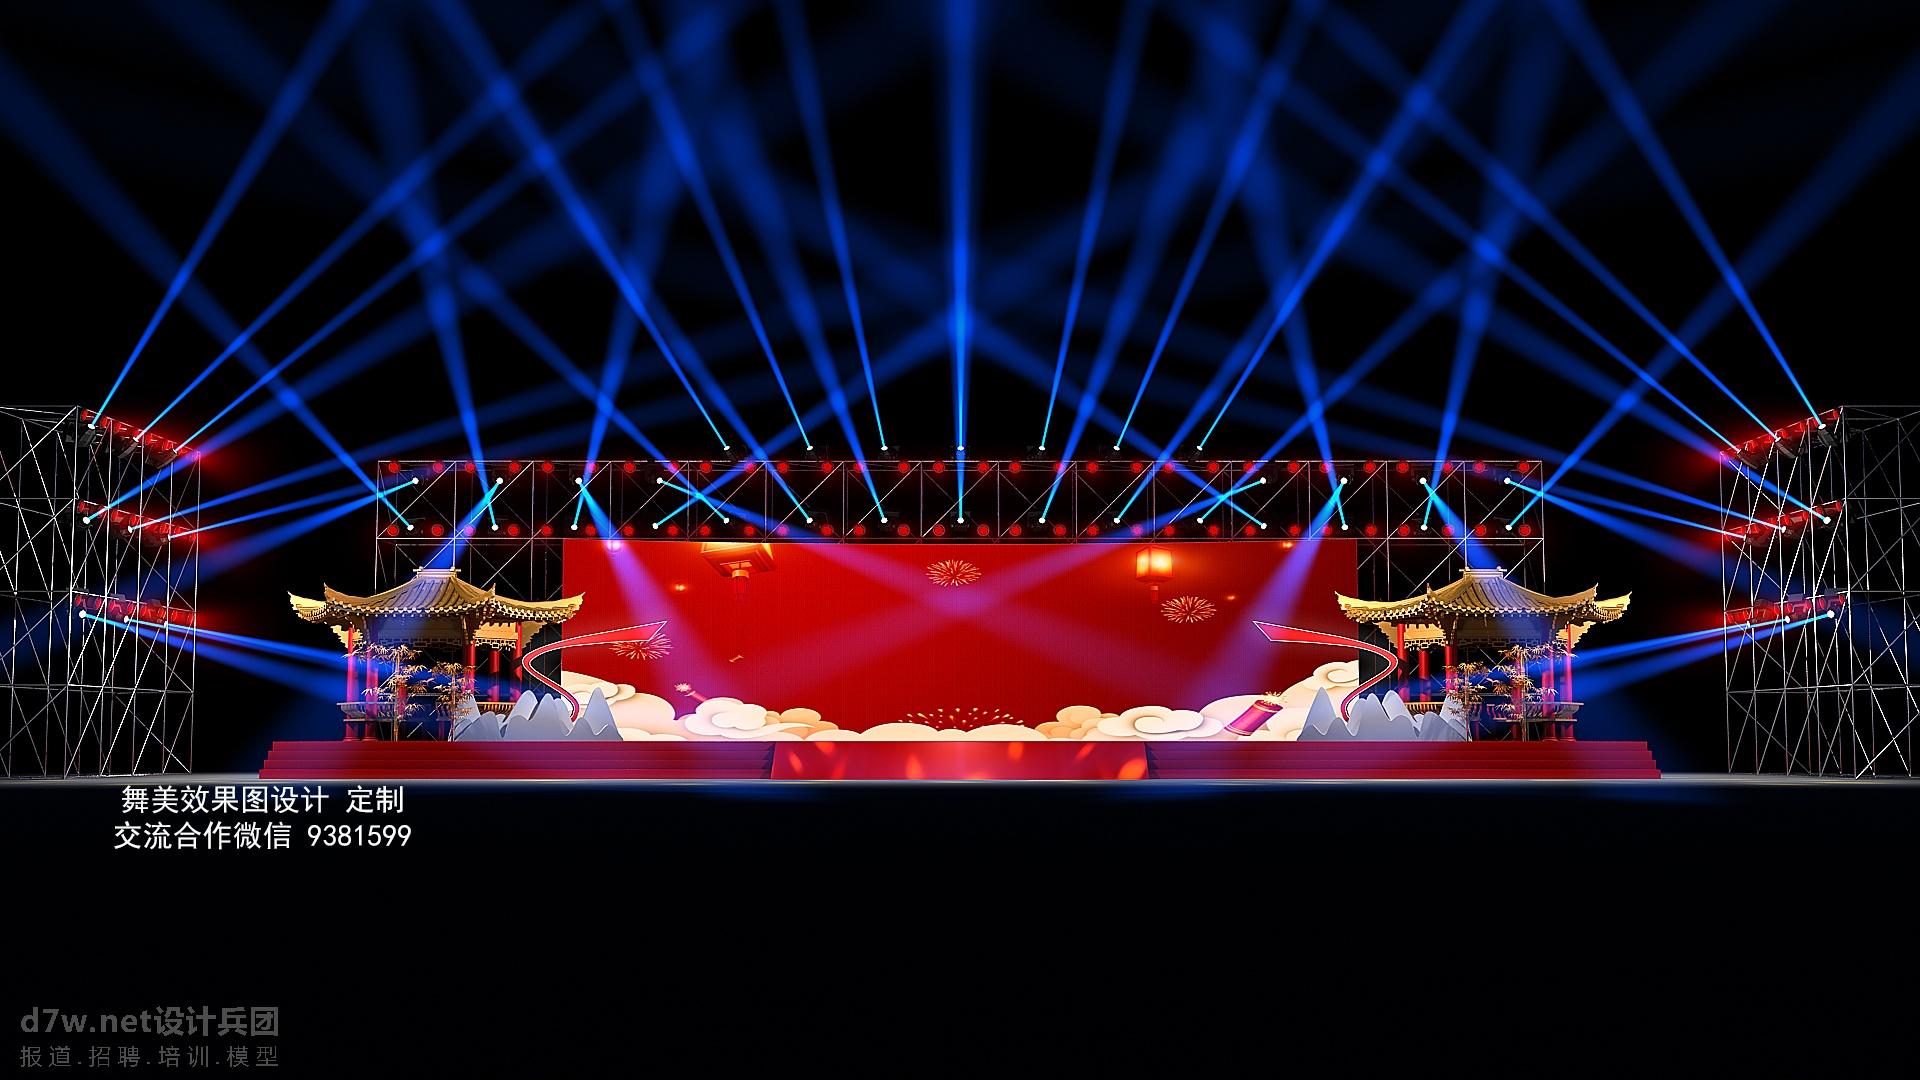 2020企业年会 2020中式年会 2020年会设计 2020年会舞美 2020年会舞台 舞美效果图 舞台效果图 中式年会舞美  ...